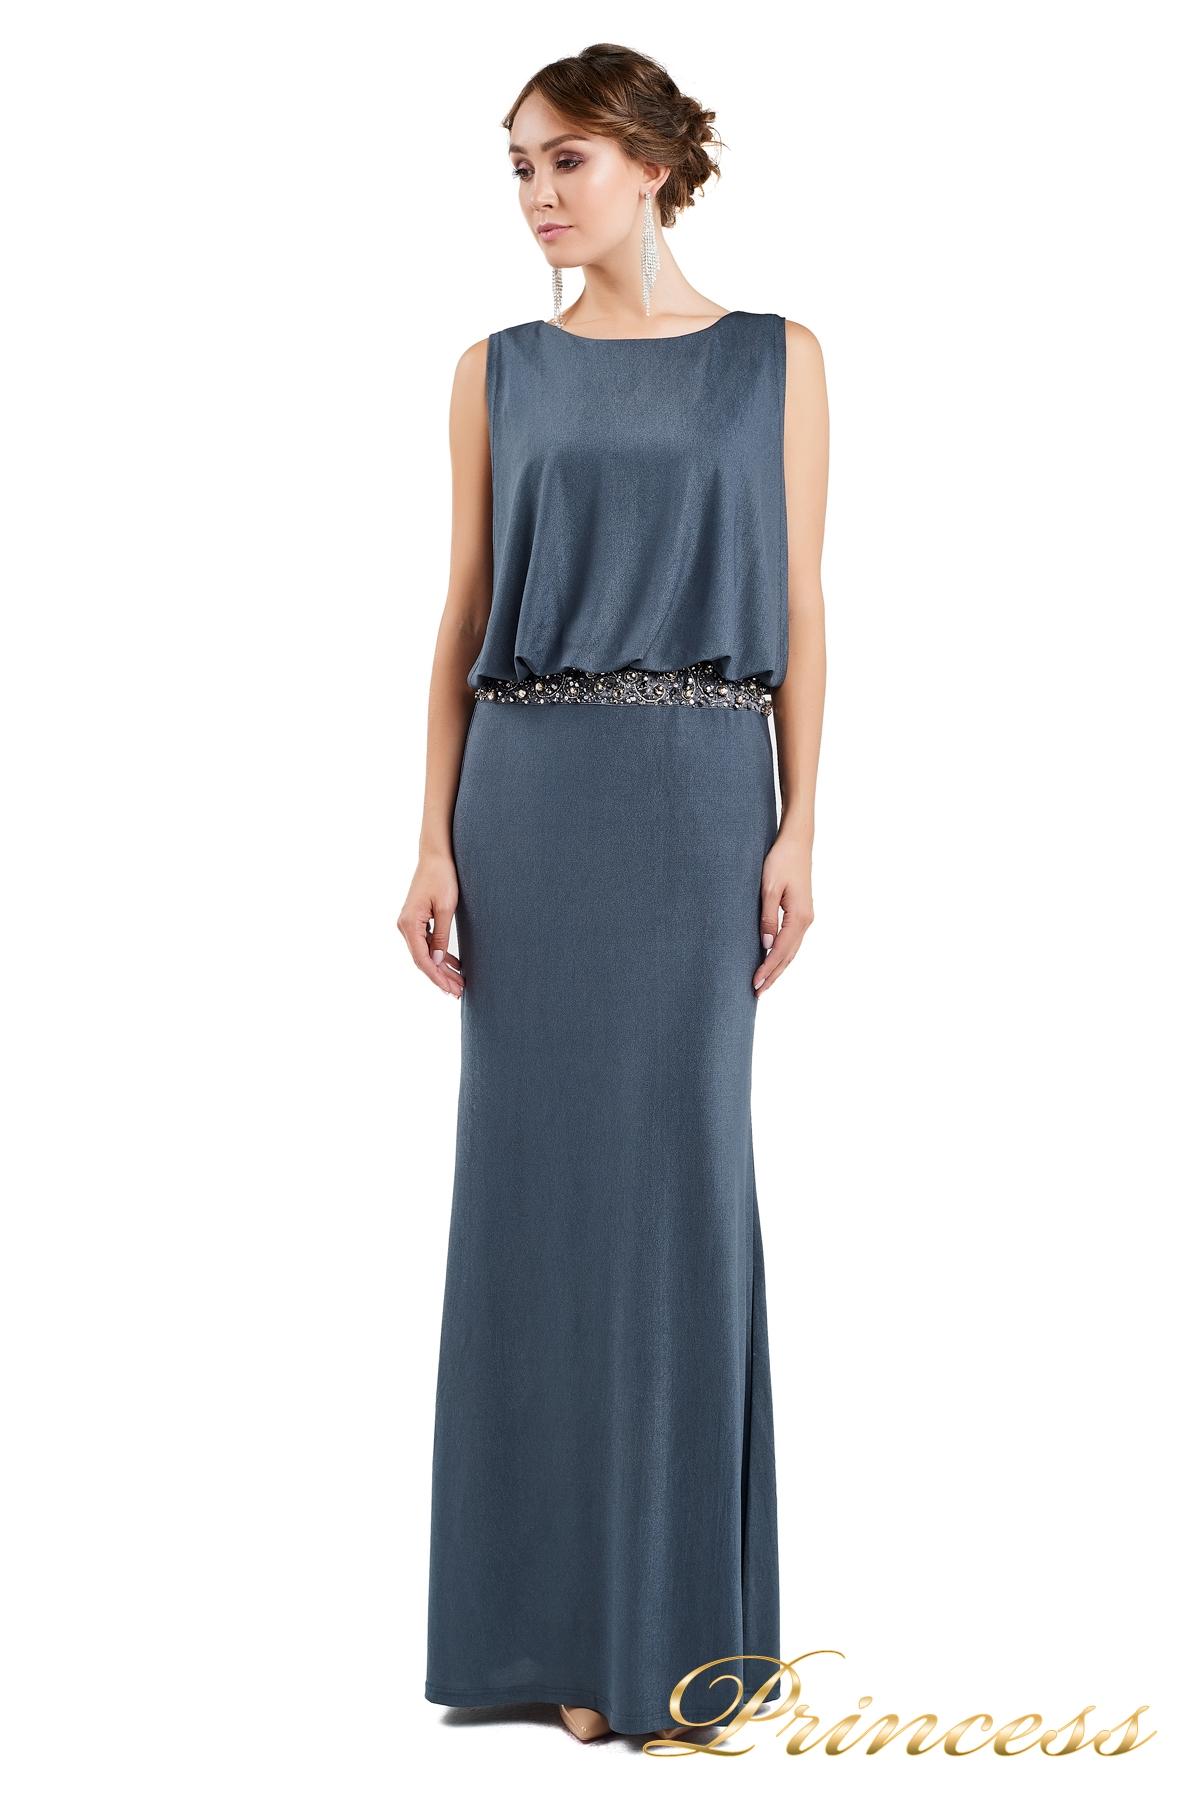 fb040459f70 Вечернее платье 1144 dark grey стального цвета. Exclusive. Вечернее платье  ...